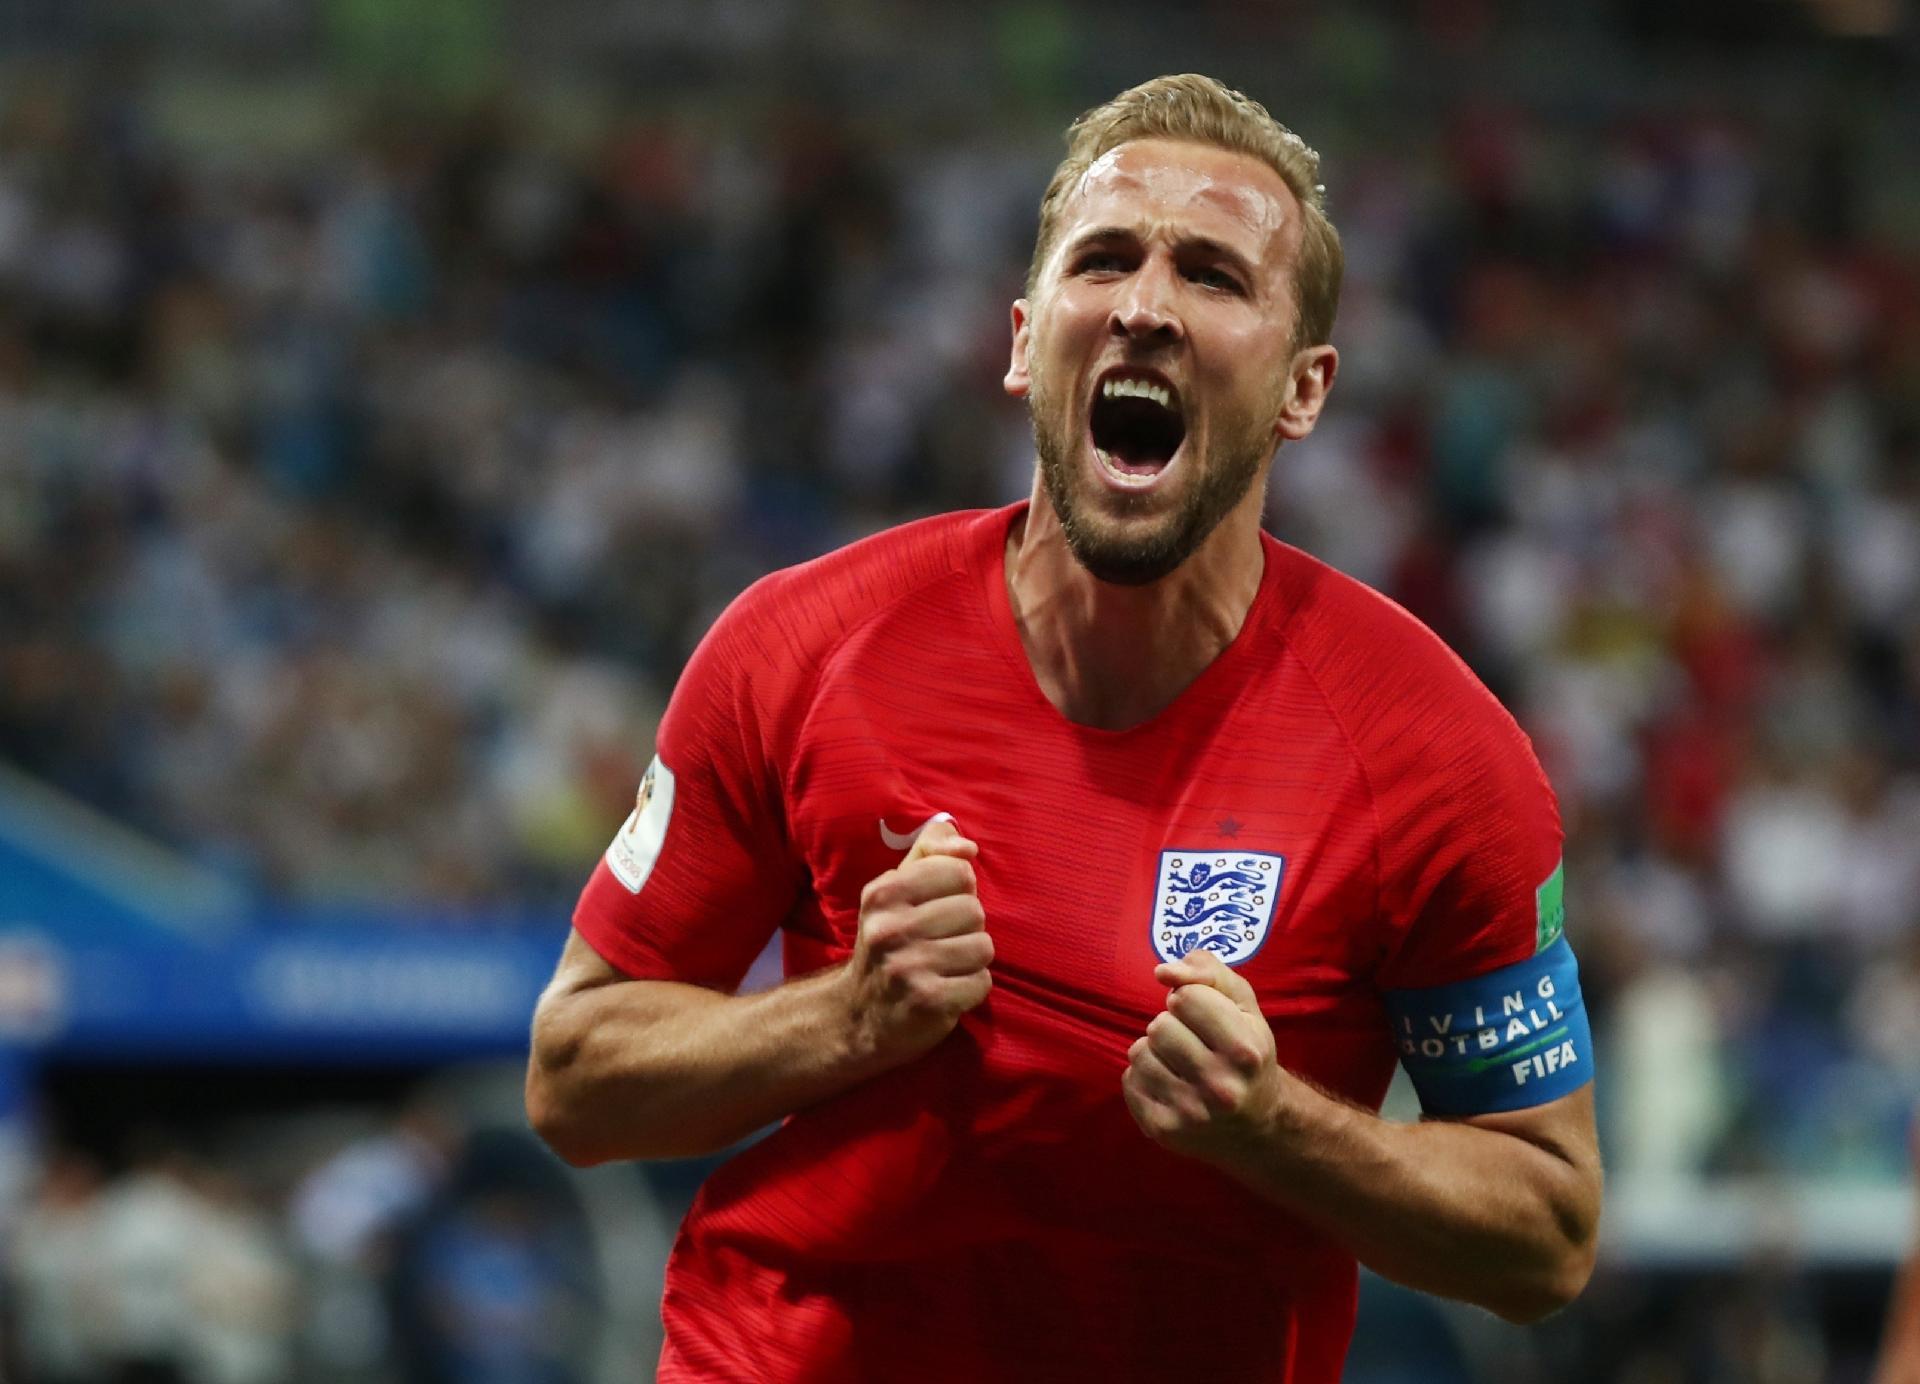 d09e23ac7f Estreia decisiva põe Harry Kane como líder e astro da seleção da Inglaterra  após Rooney